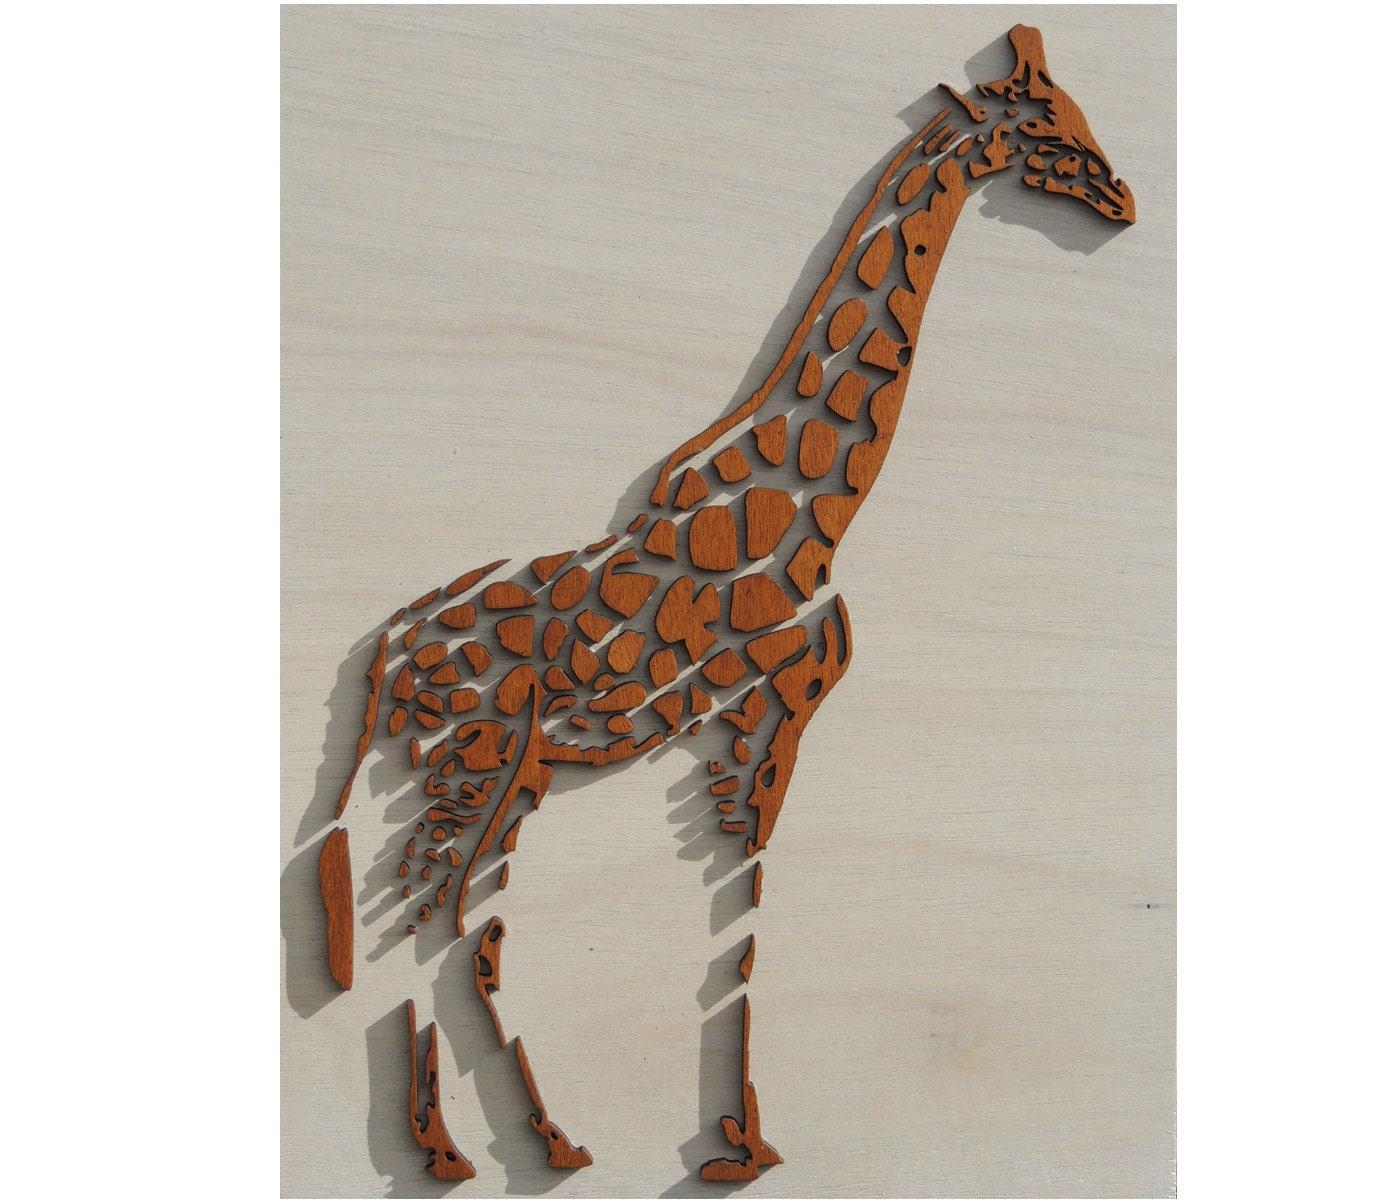 Girafe 3d avec laser cut décoration murale bois par paspartoet